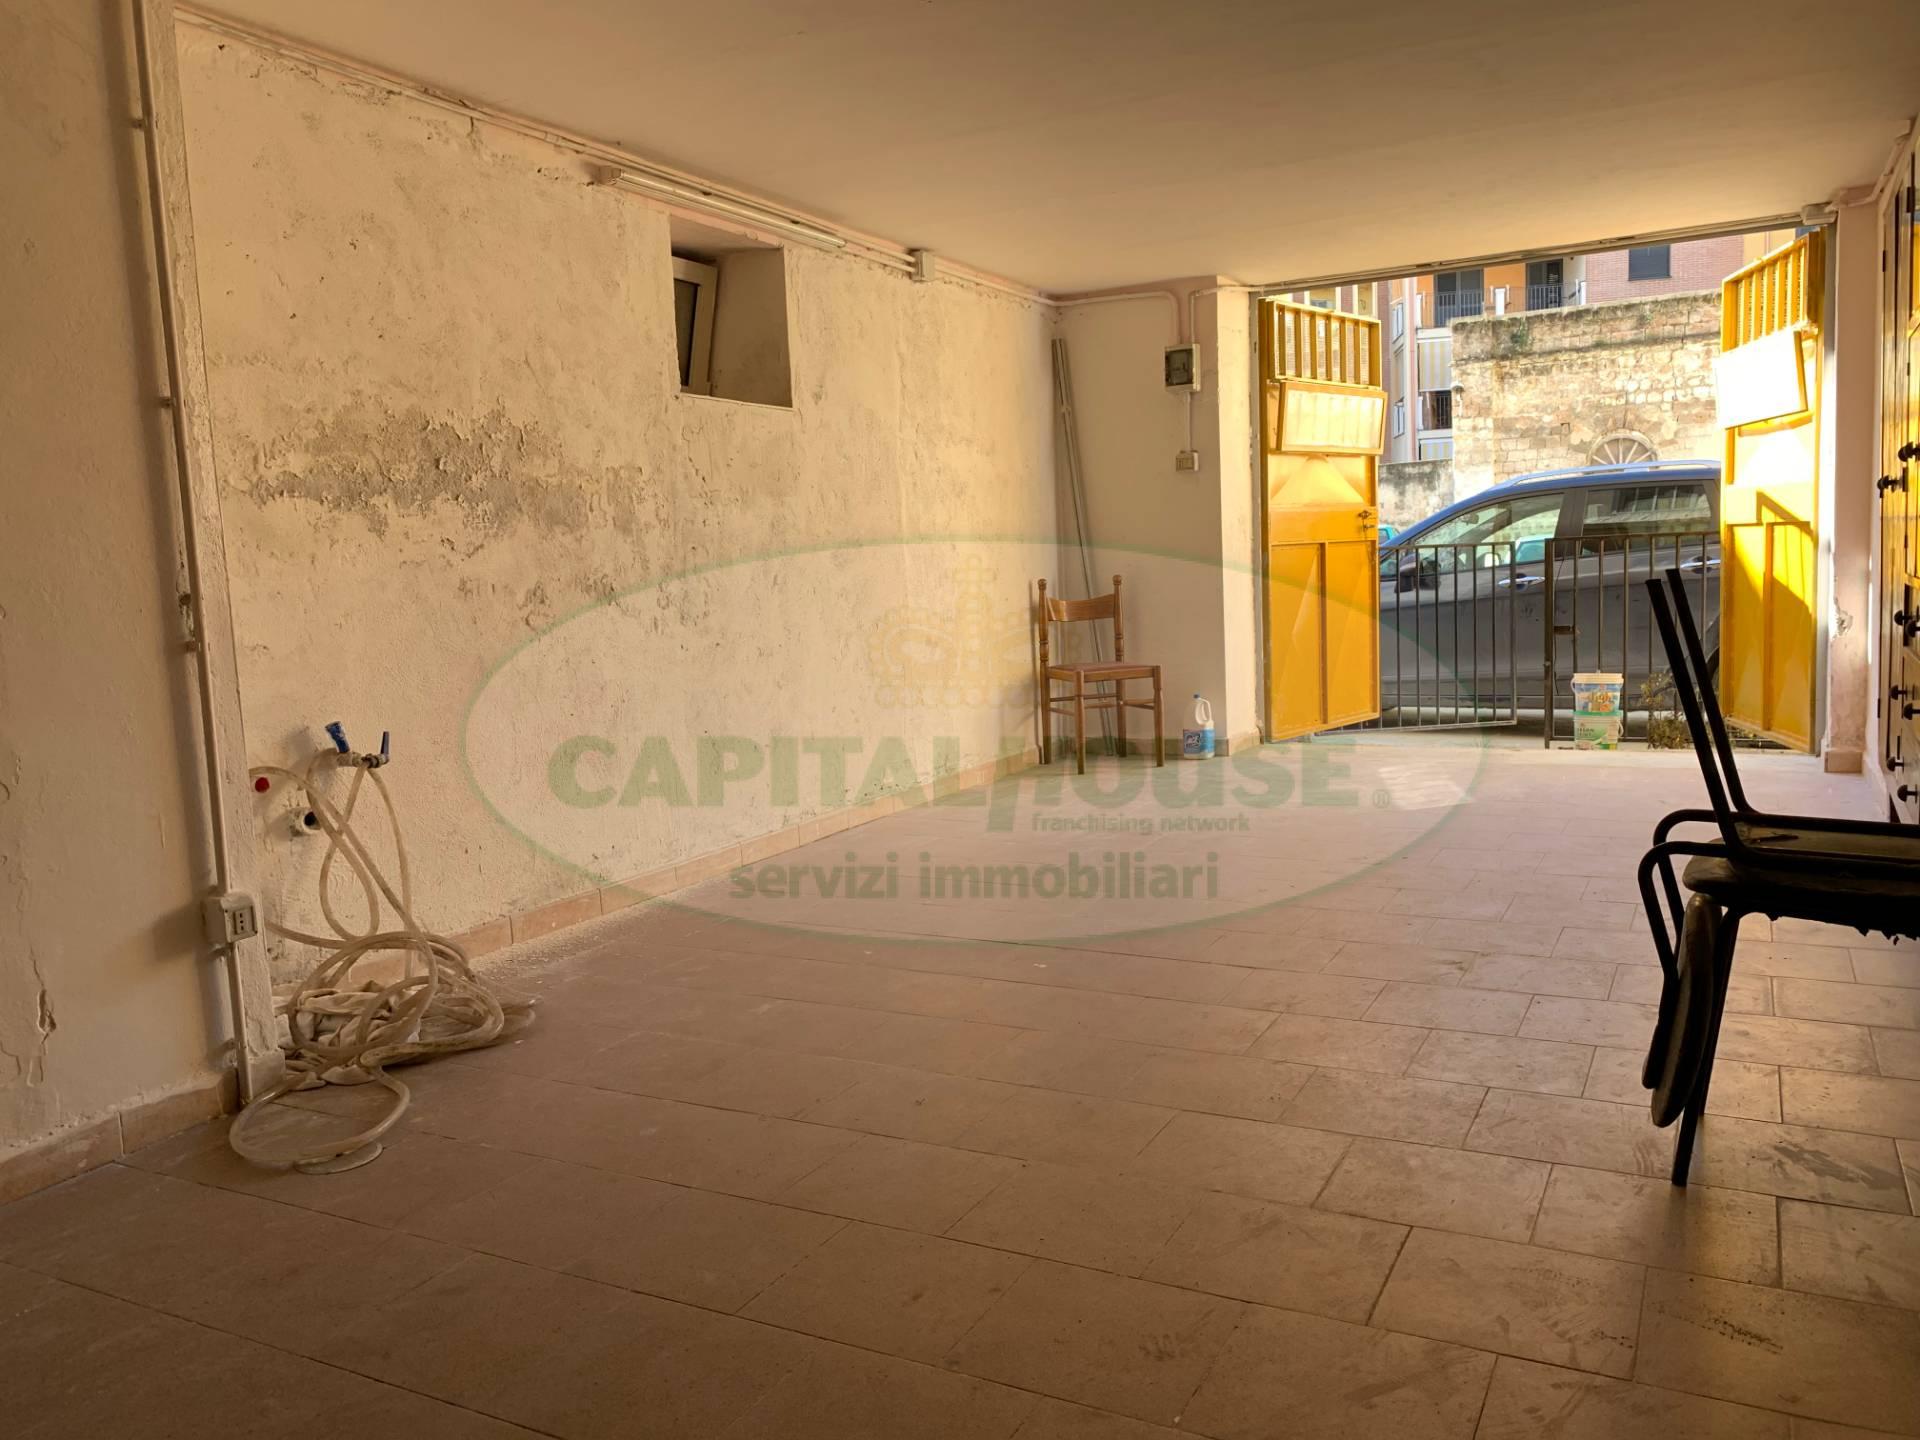 Magazzino in vendita a Santa Maria Capua Vetere, 1 locali, zona Località: ZonaStazione, prezzo € 25.000 | CambioCasa.it